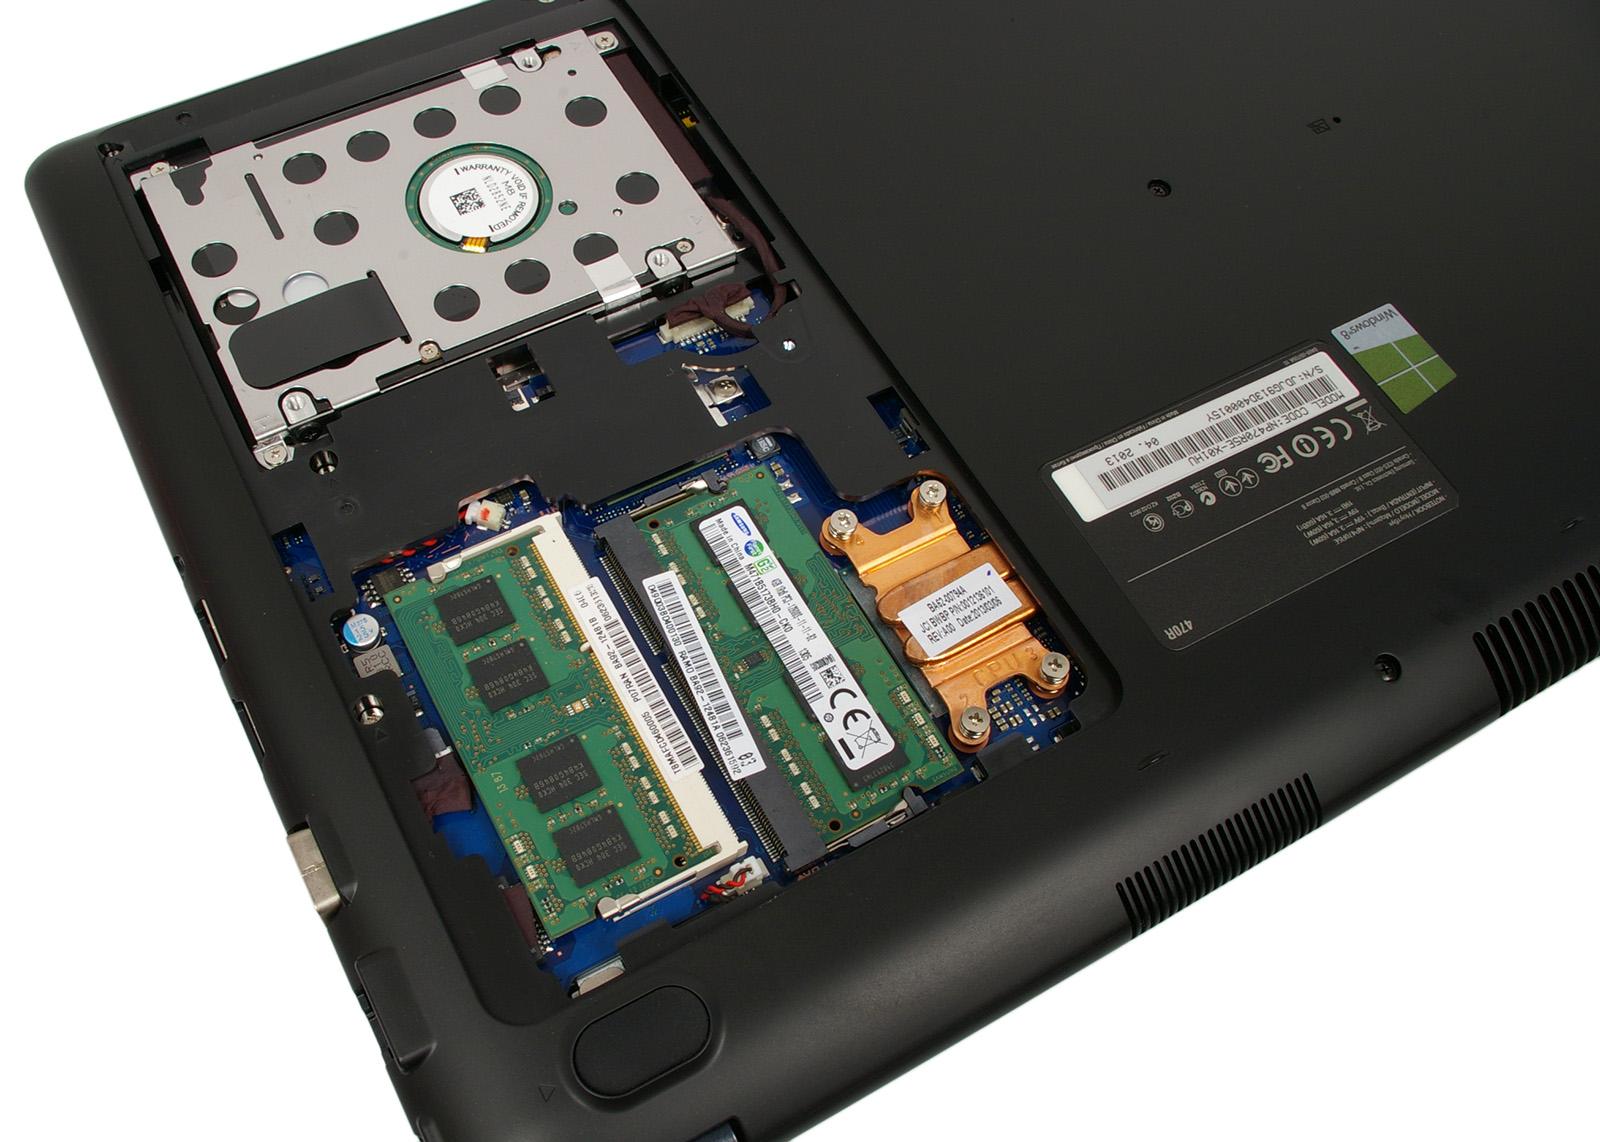 5d526a463610 ... 4 GB-os SO-DIMM modul formájában, de igény szerint ezt is  csereberélhetjük, ugyanis a HDD-vel közös fedél alatt bújik meg. [+]. A Samsung  ATIV Book ...